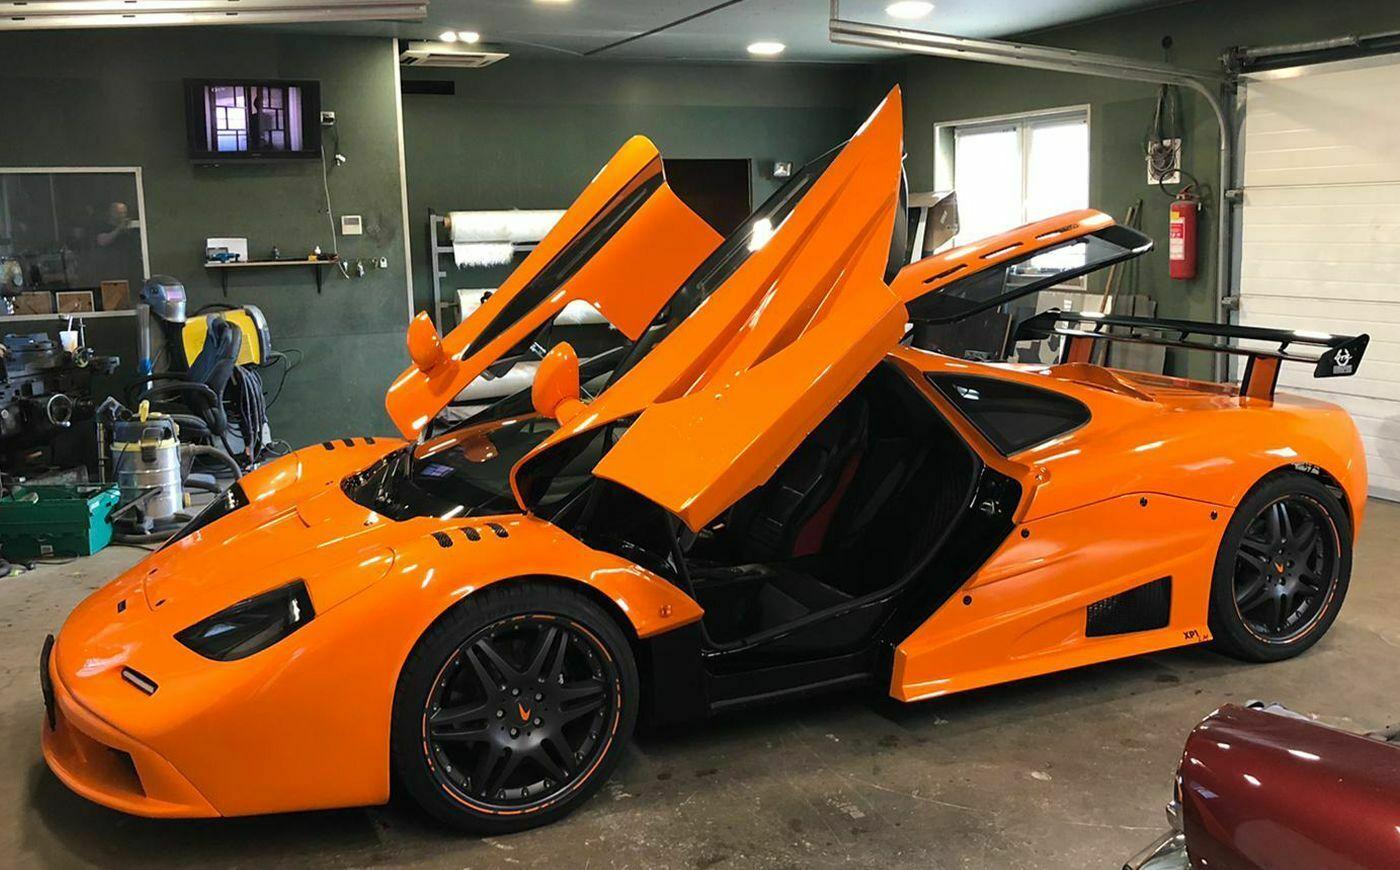 McLaren-F1-Porsche-Boxster-replica-7